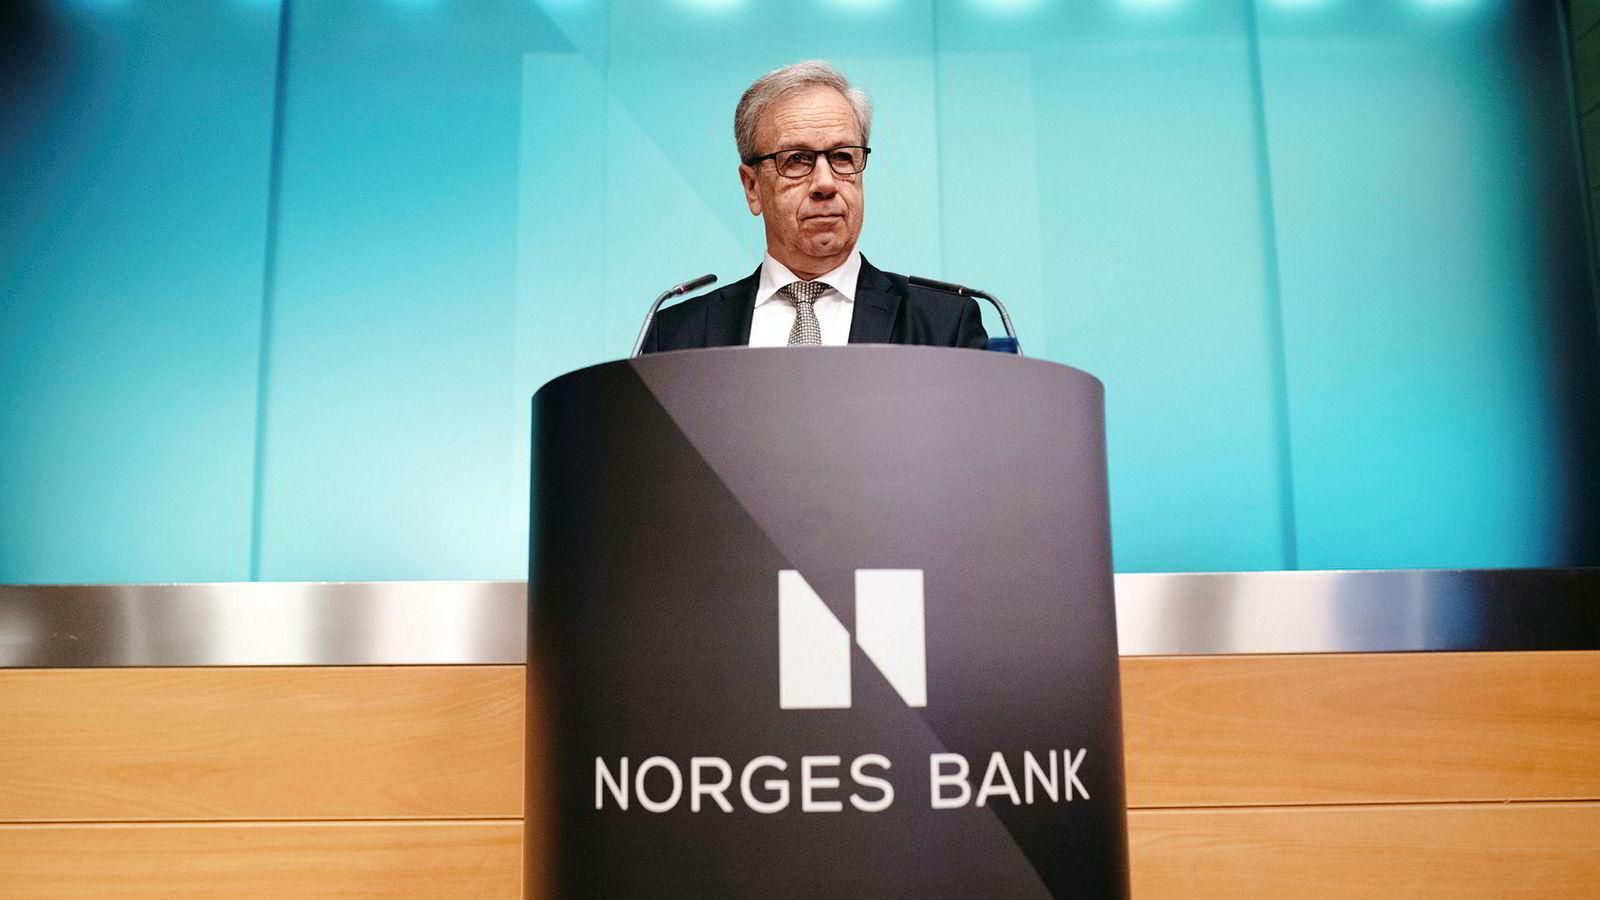 Torsdag formiddag la Norges Bank frem deres rentebeslutning for mai. Dette rentemøtet var kun et mellommøte, uten ny økonomisk rapport og pressekonferanse.